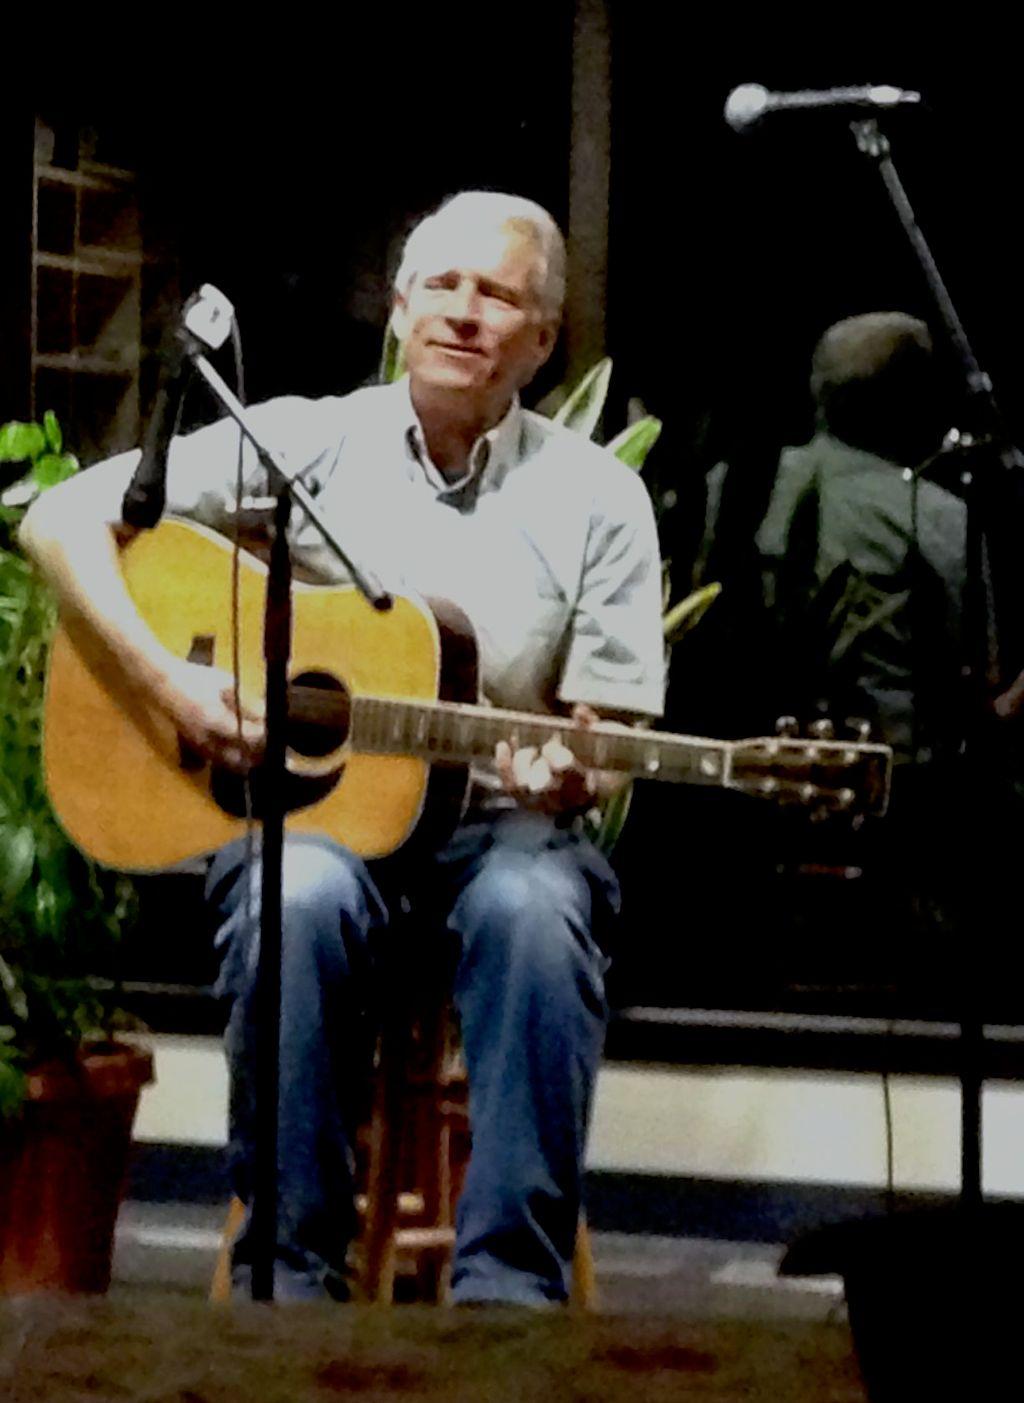 Paul's Guitar Lessons